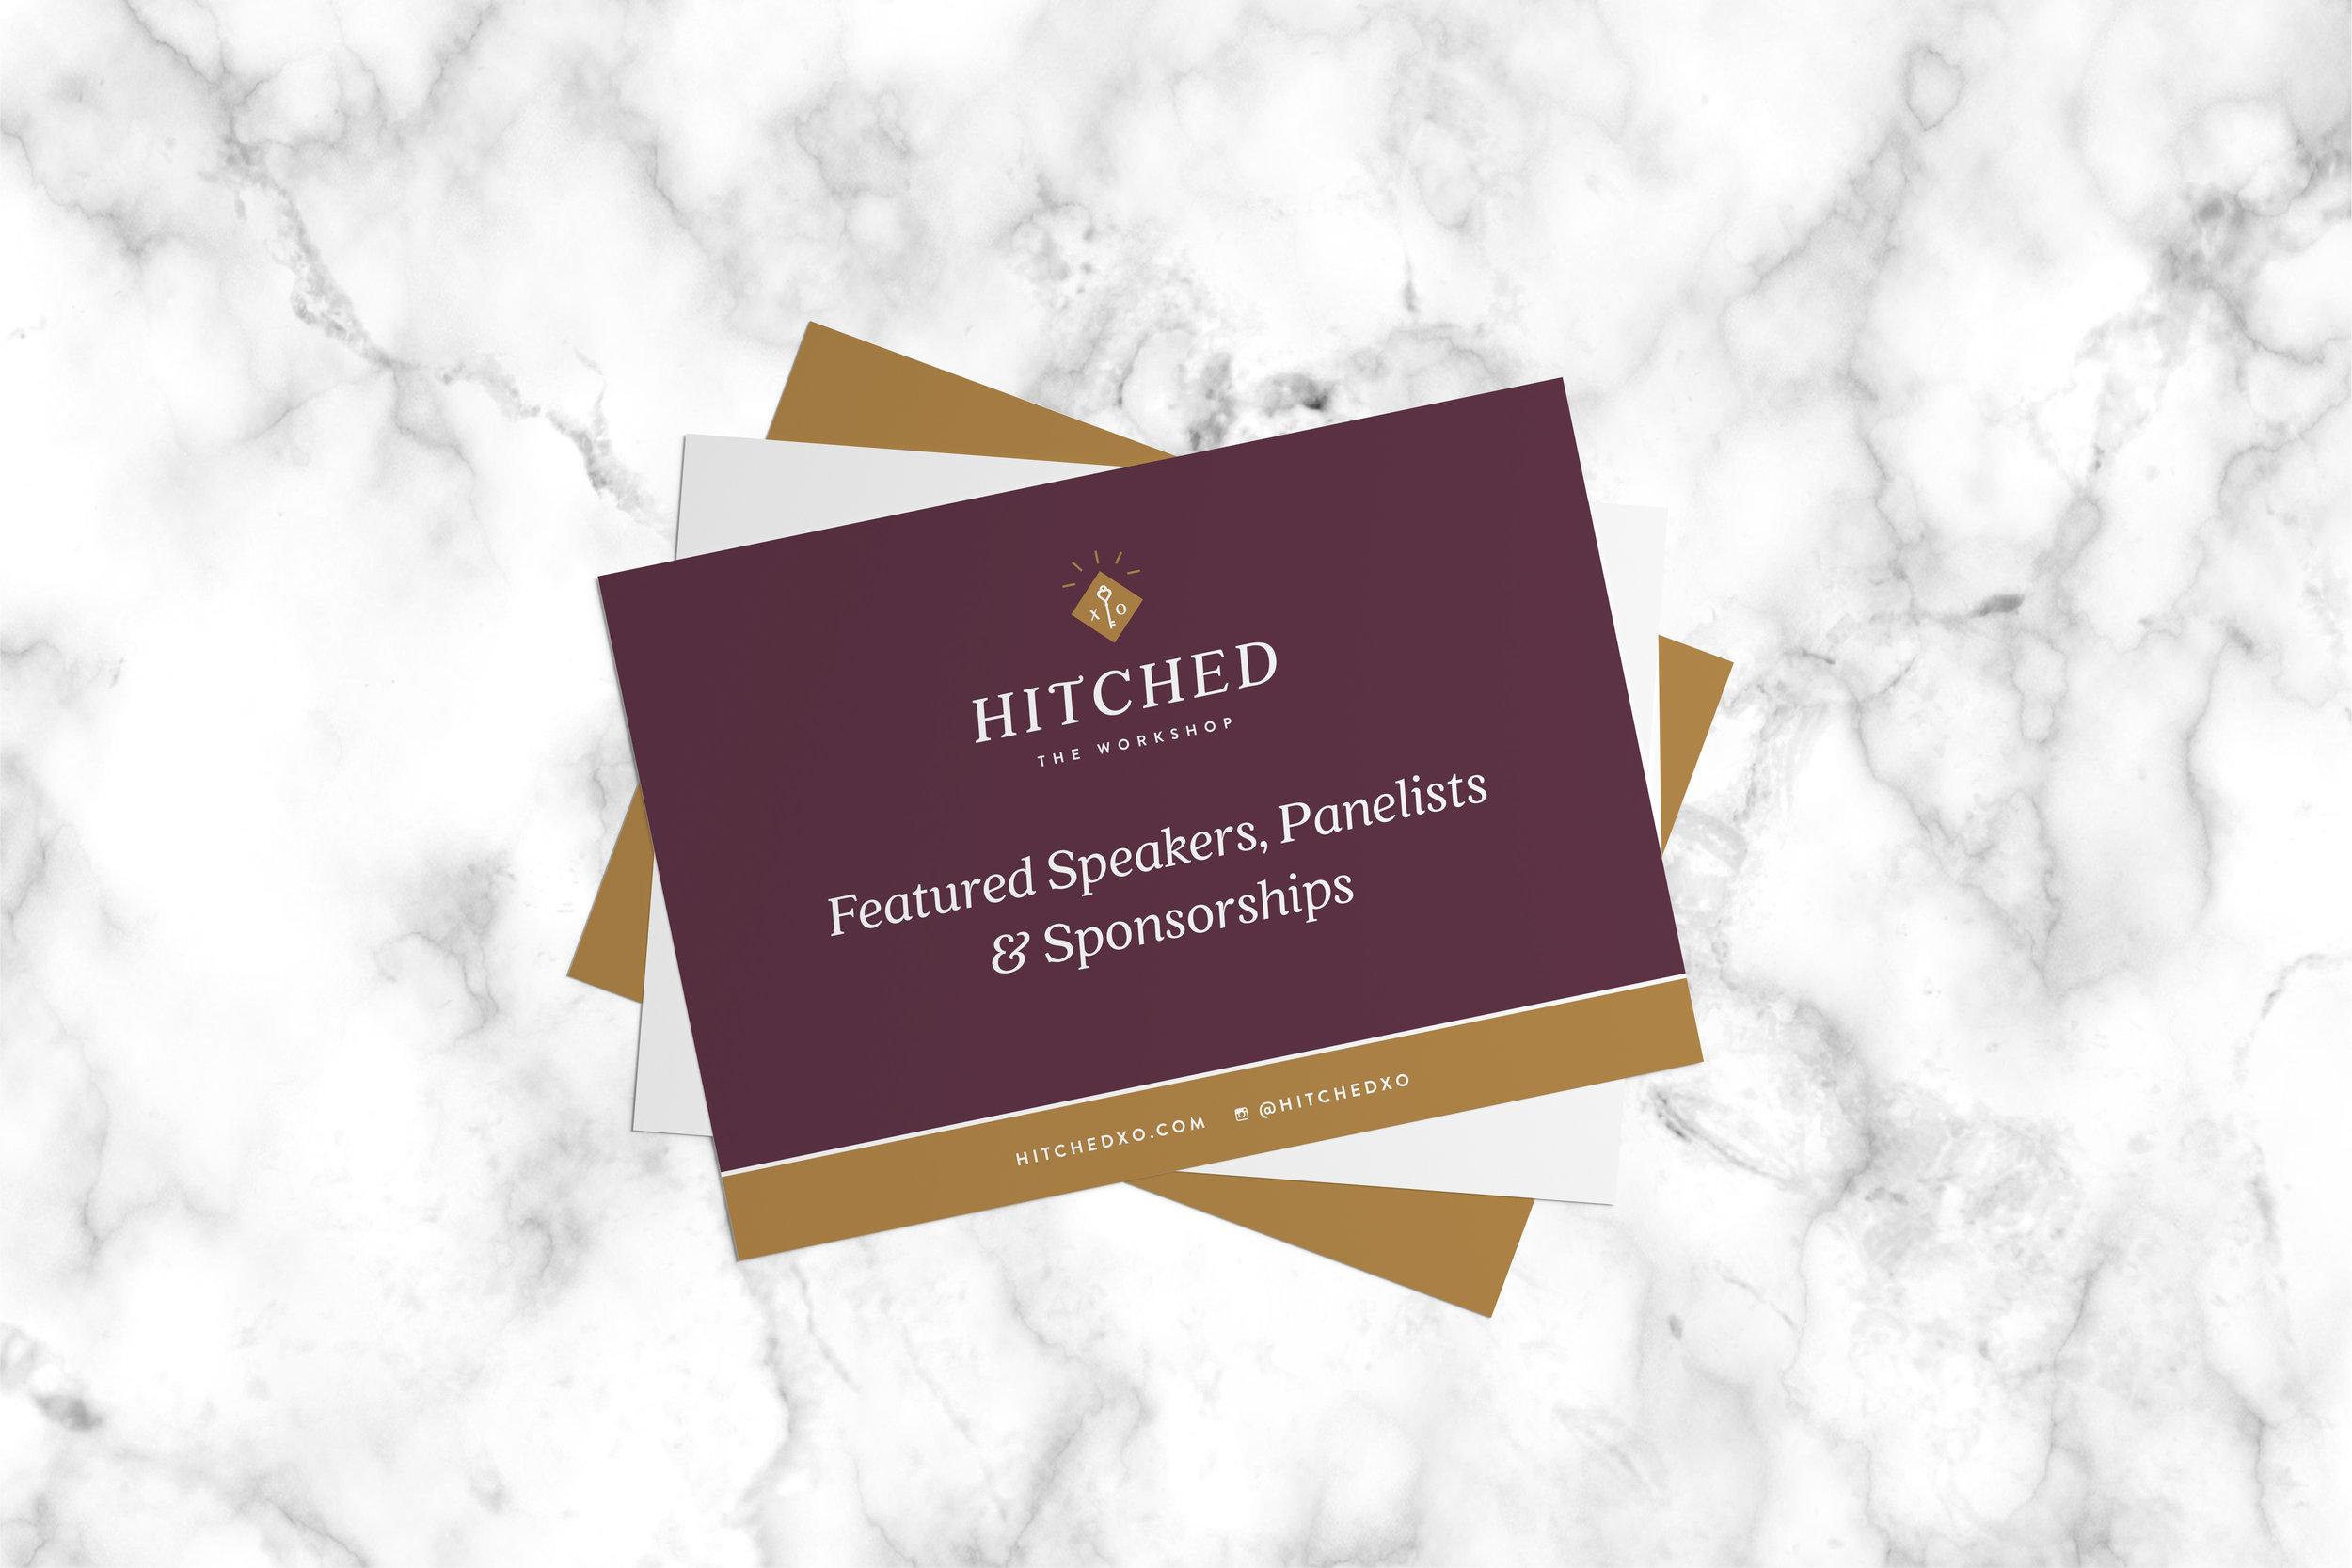 LynseyCreative_HitchedXO_Portfolio_presentationdesign.jpg